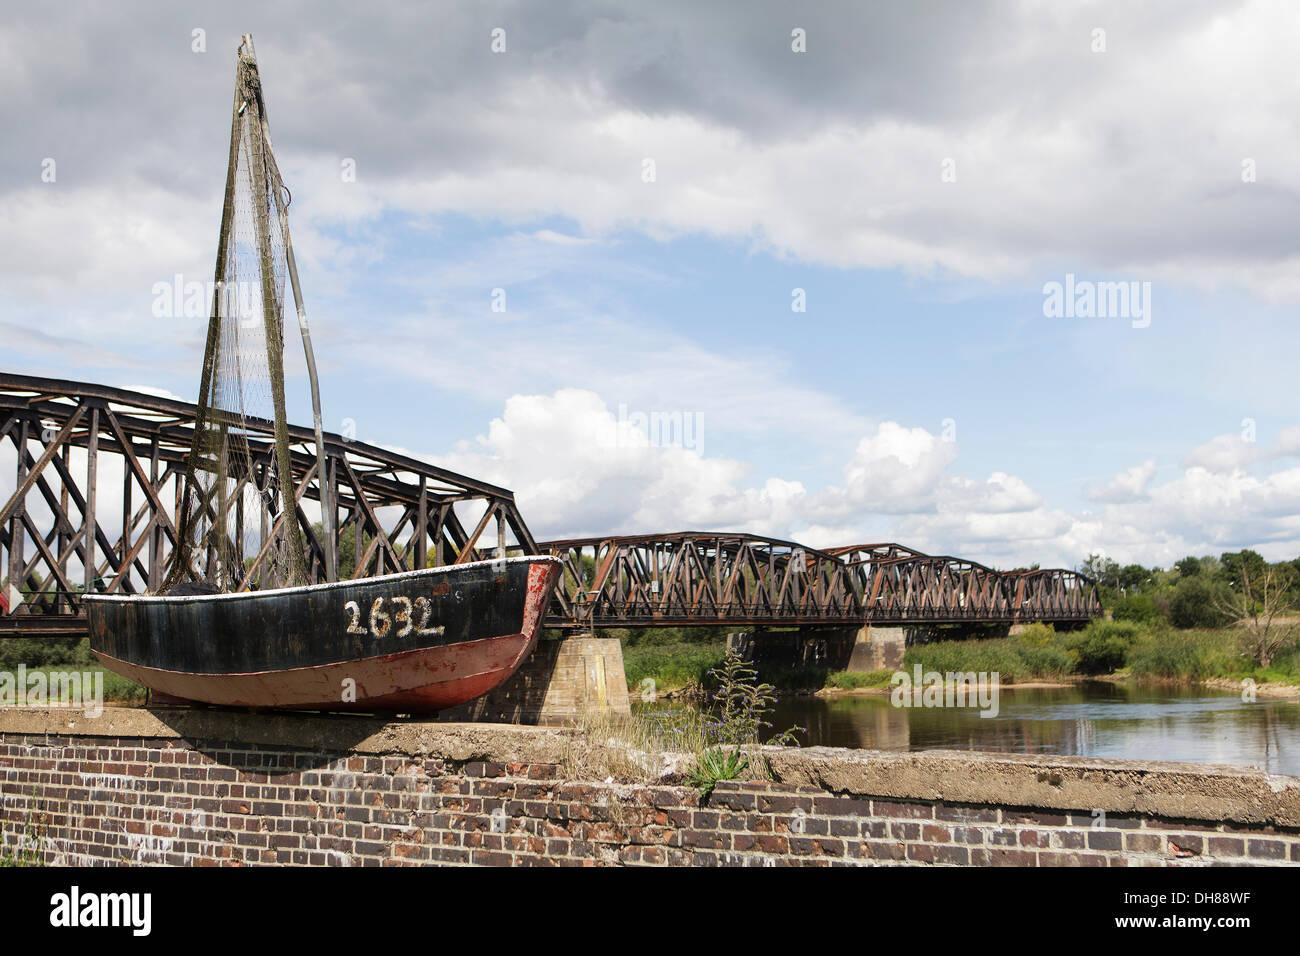 """Viejo barco pesquero en el fronterizo río Oder, frontera germano-polaca, a Kostrzyn Kuestrin, vida boya con la inscripción """"Berlín Imagen De Stock"""